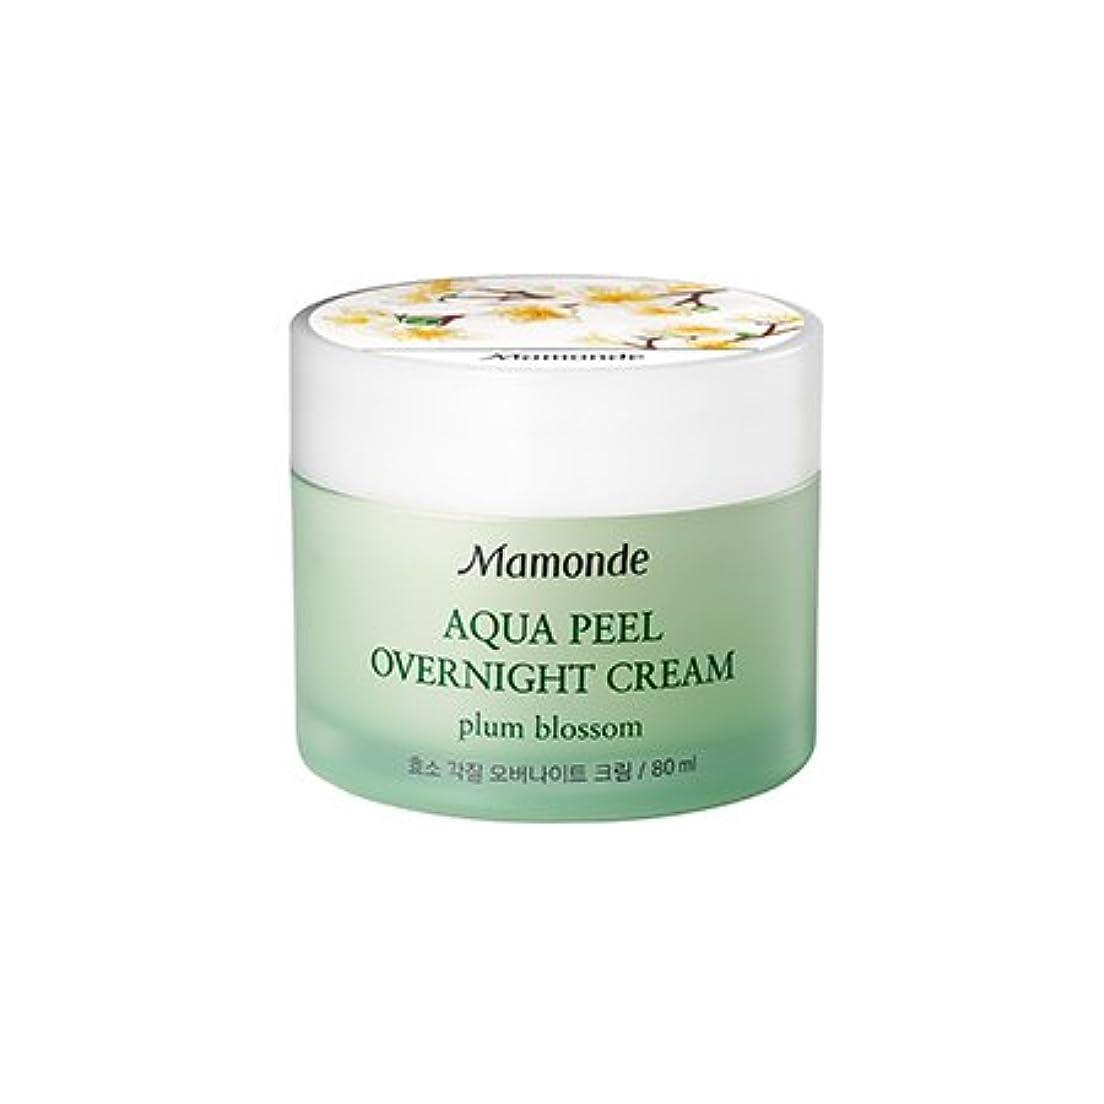 劇場電極ご覧くださいMamonde Aqua Peel Overnight Cream 80ml/マモンド アクア ピール オーバーナイト クリーム 80ml [並行輸入品]